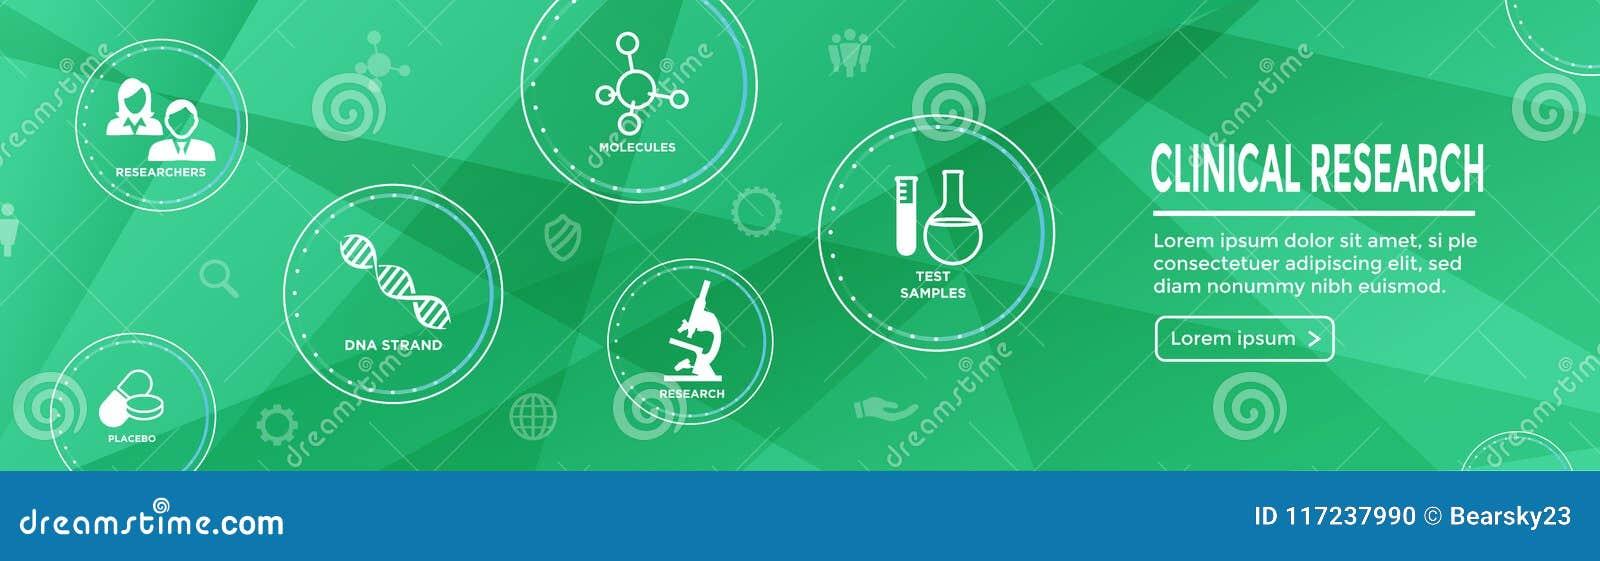 Ιατρικά εικονίδια υγειονομικής περίθαλψης με τους ανθρώπους που σχεδιάζουν την ασθένεια/Scientif